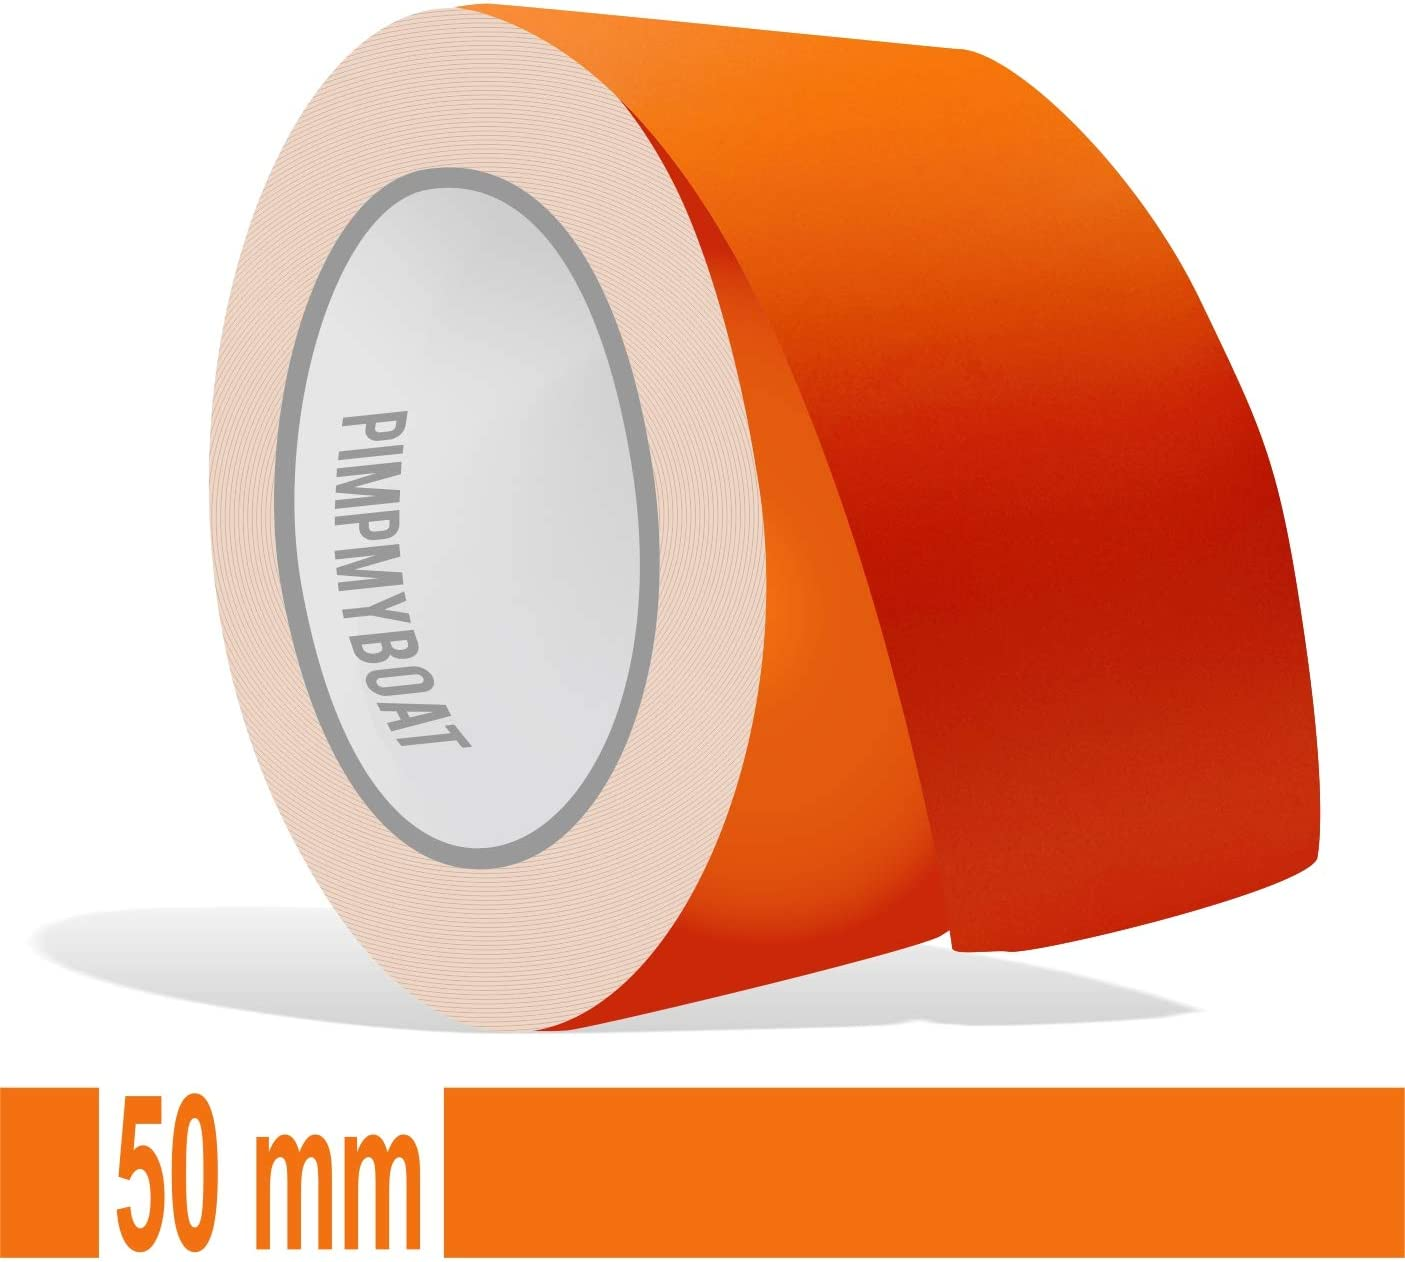 Siviwonder Zierstreifen Orange Matt In 50 Mm Breite Und 10 M Länge Für Auto Boot Jetski Modellbau Klebeband Dekorstreifen Auto